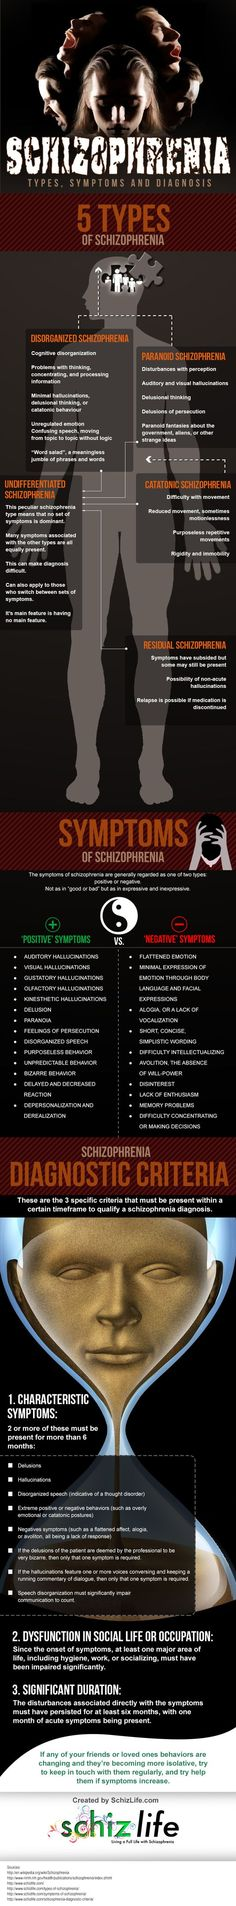 Causes of schizophrenia